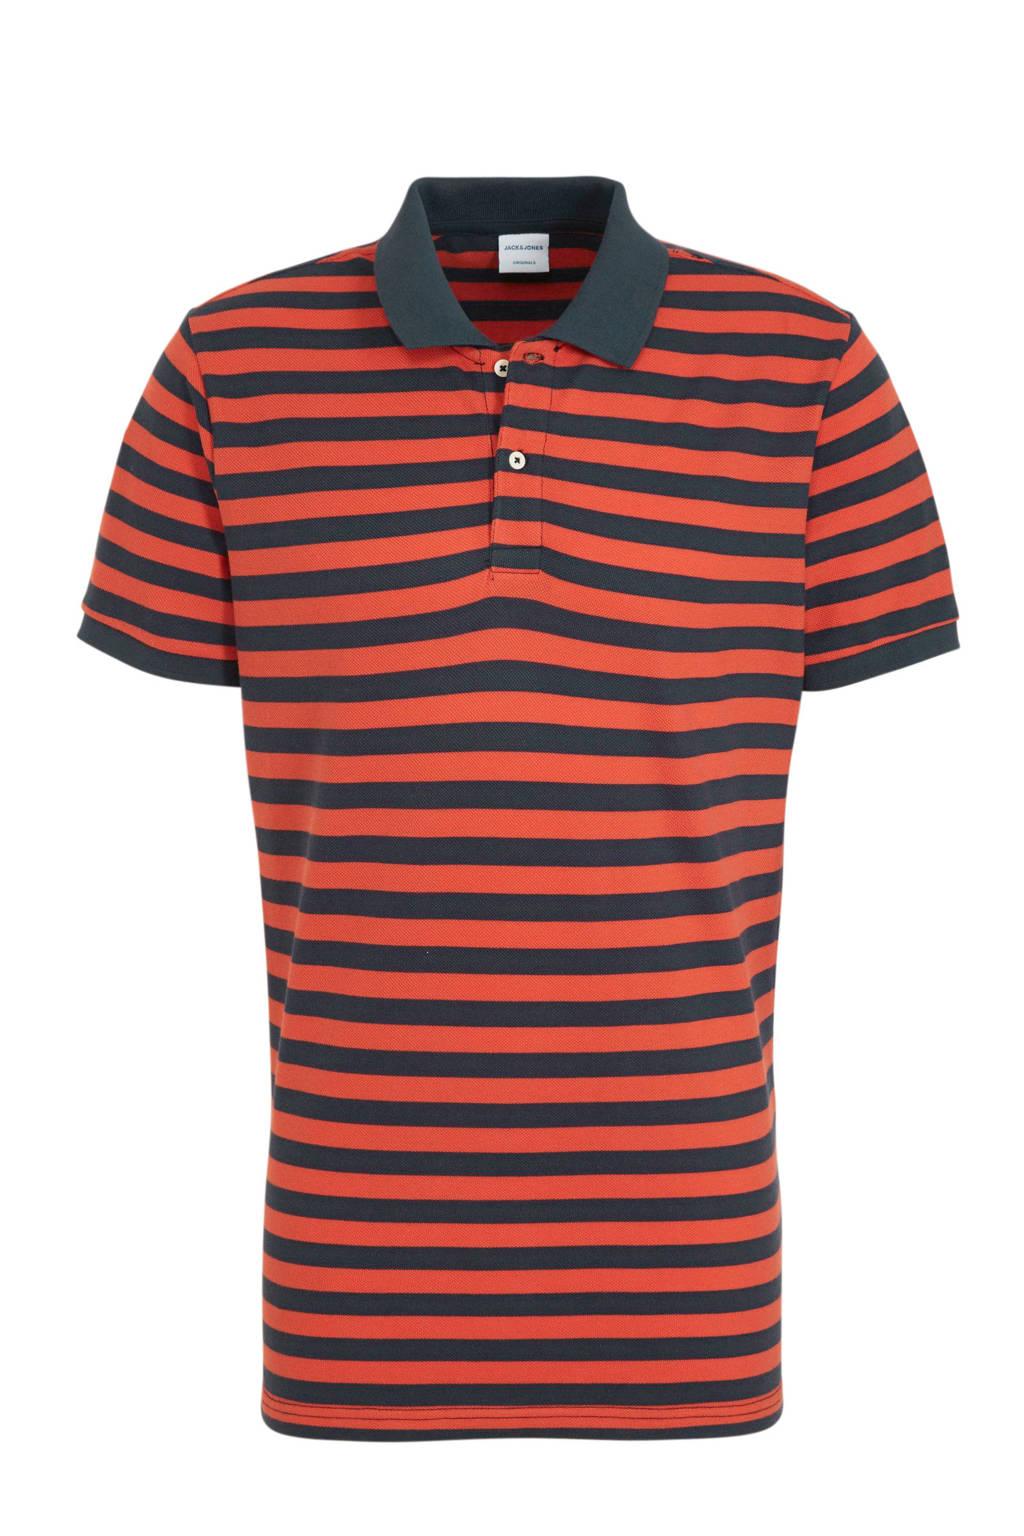 JACK & JONES ORIGINALS gestreepte slim fit polo oranje/marine, Oranje/marine